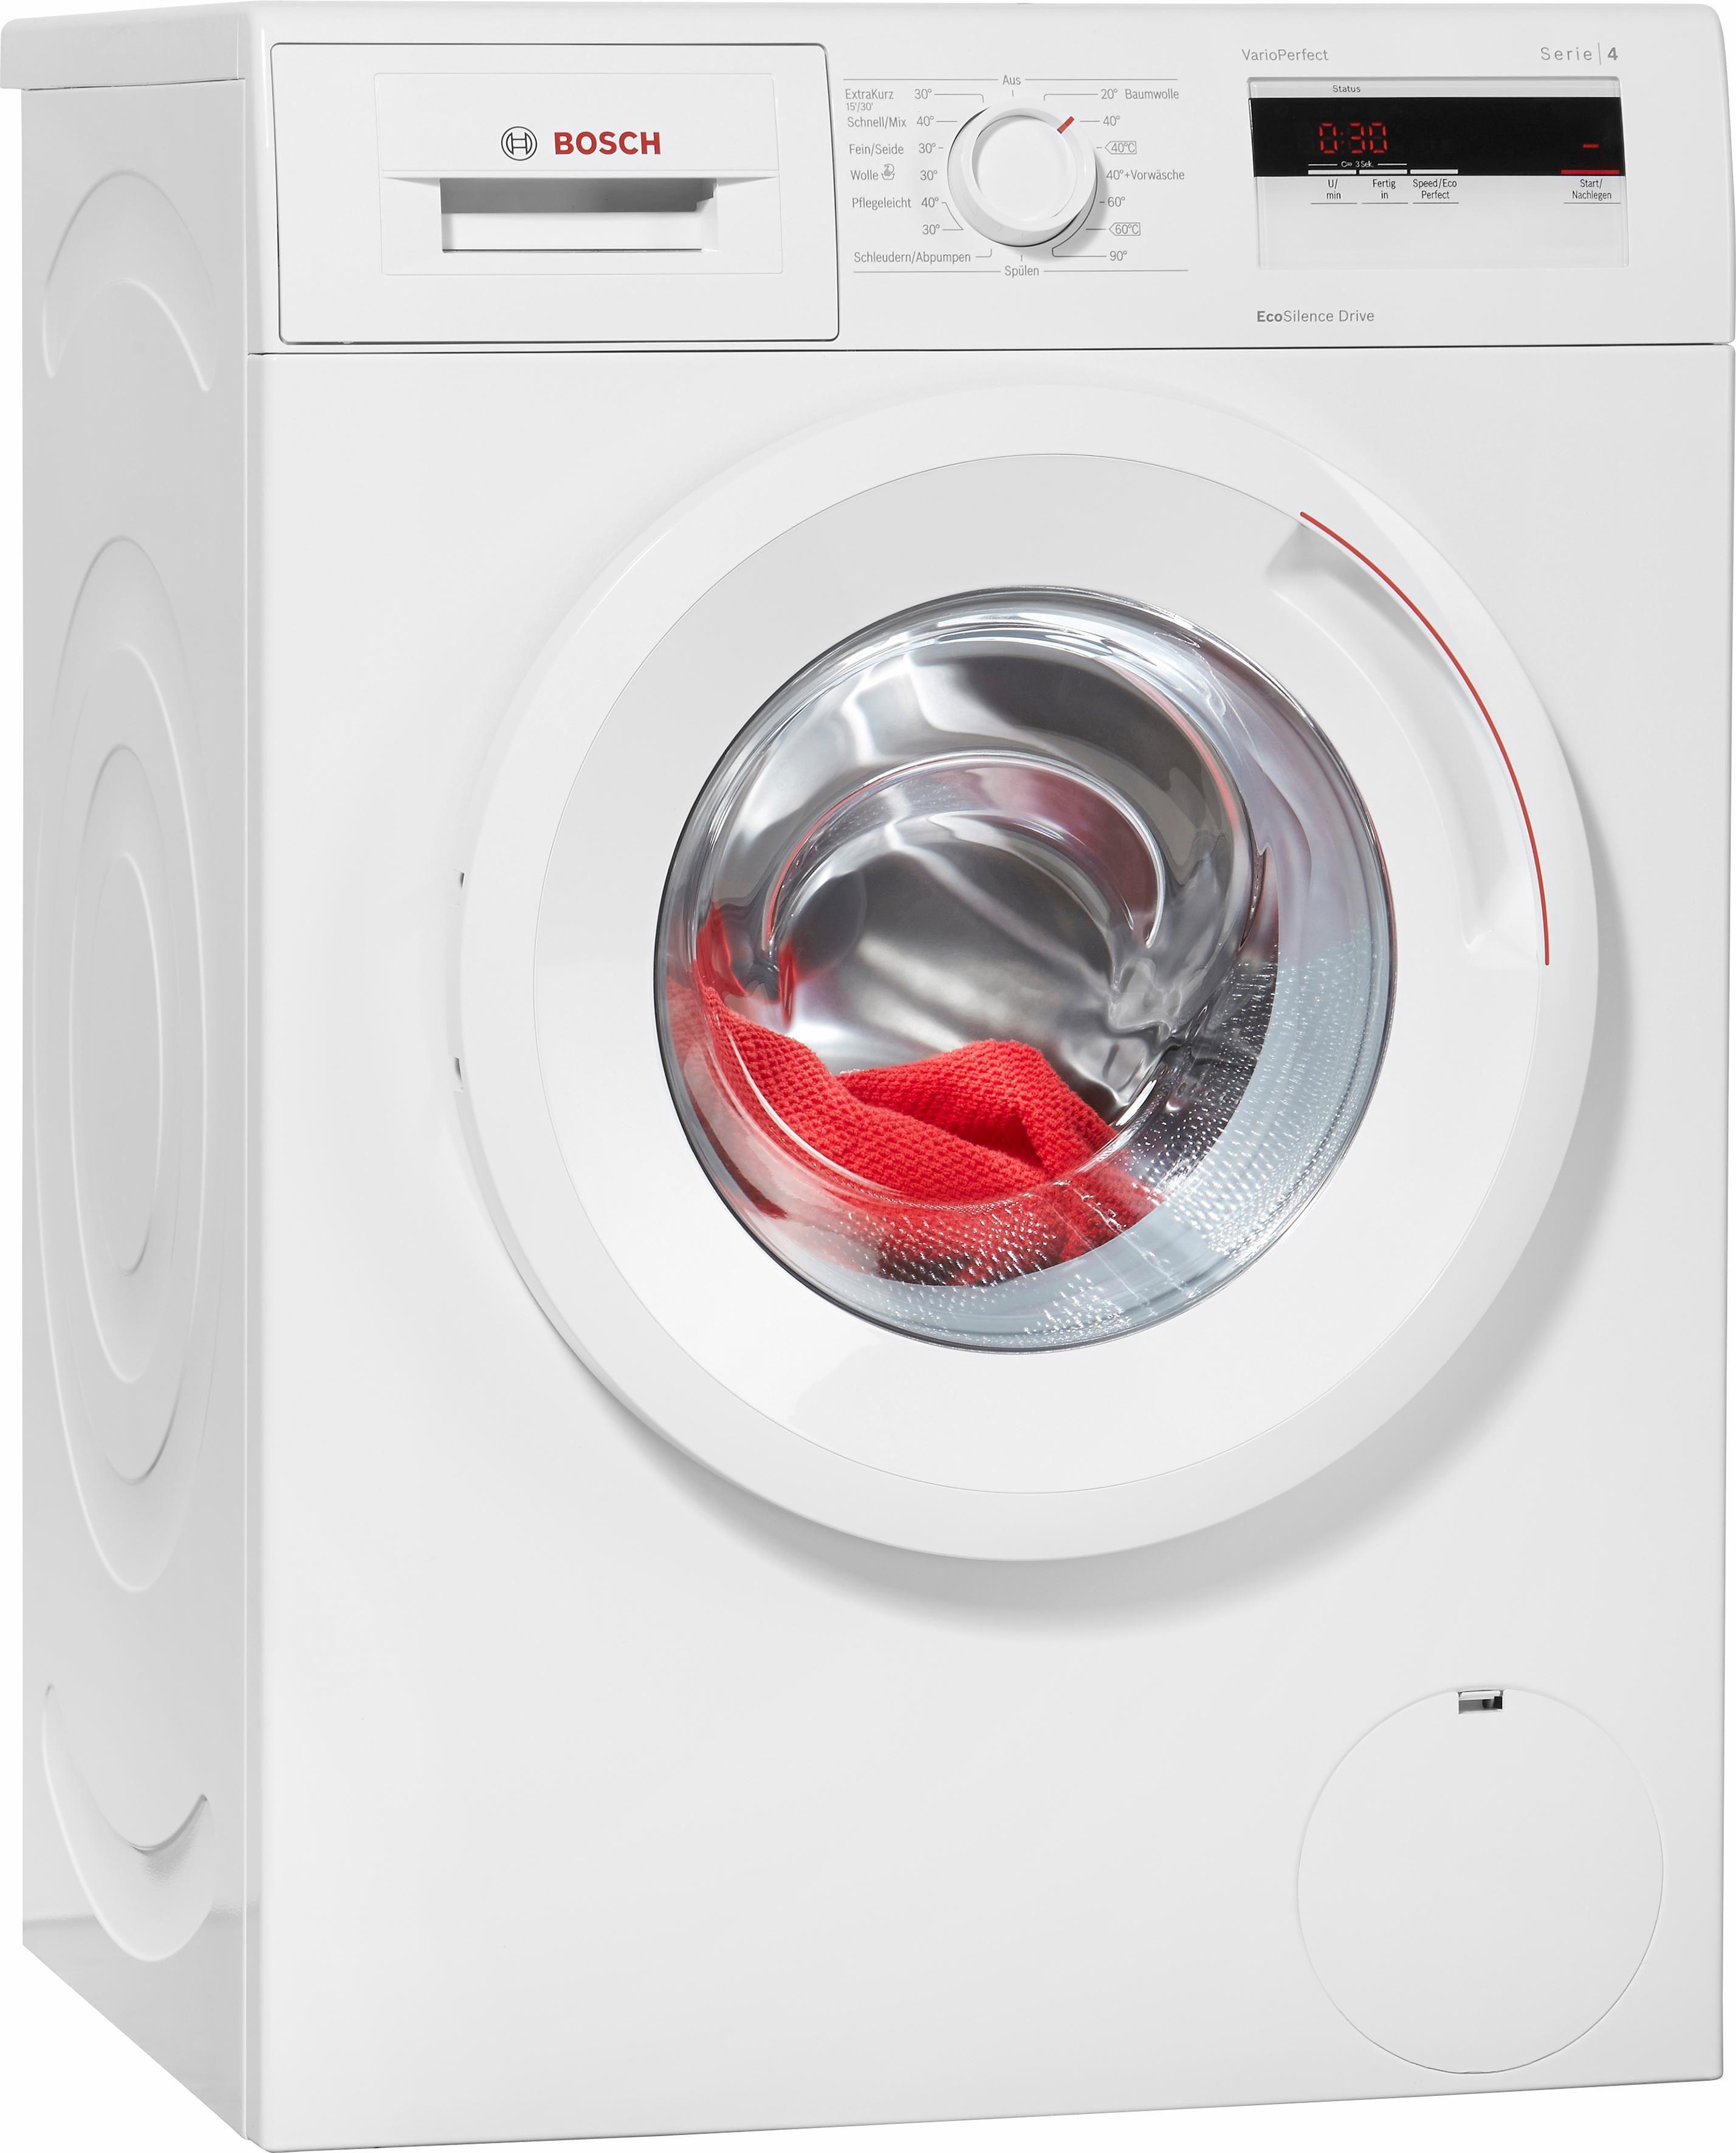 BOSCH Waschmaschine Serie 4 WAN28060, A+++, 6 kg, 1400 U/Min